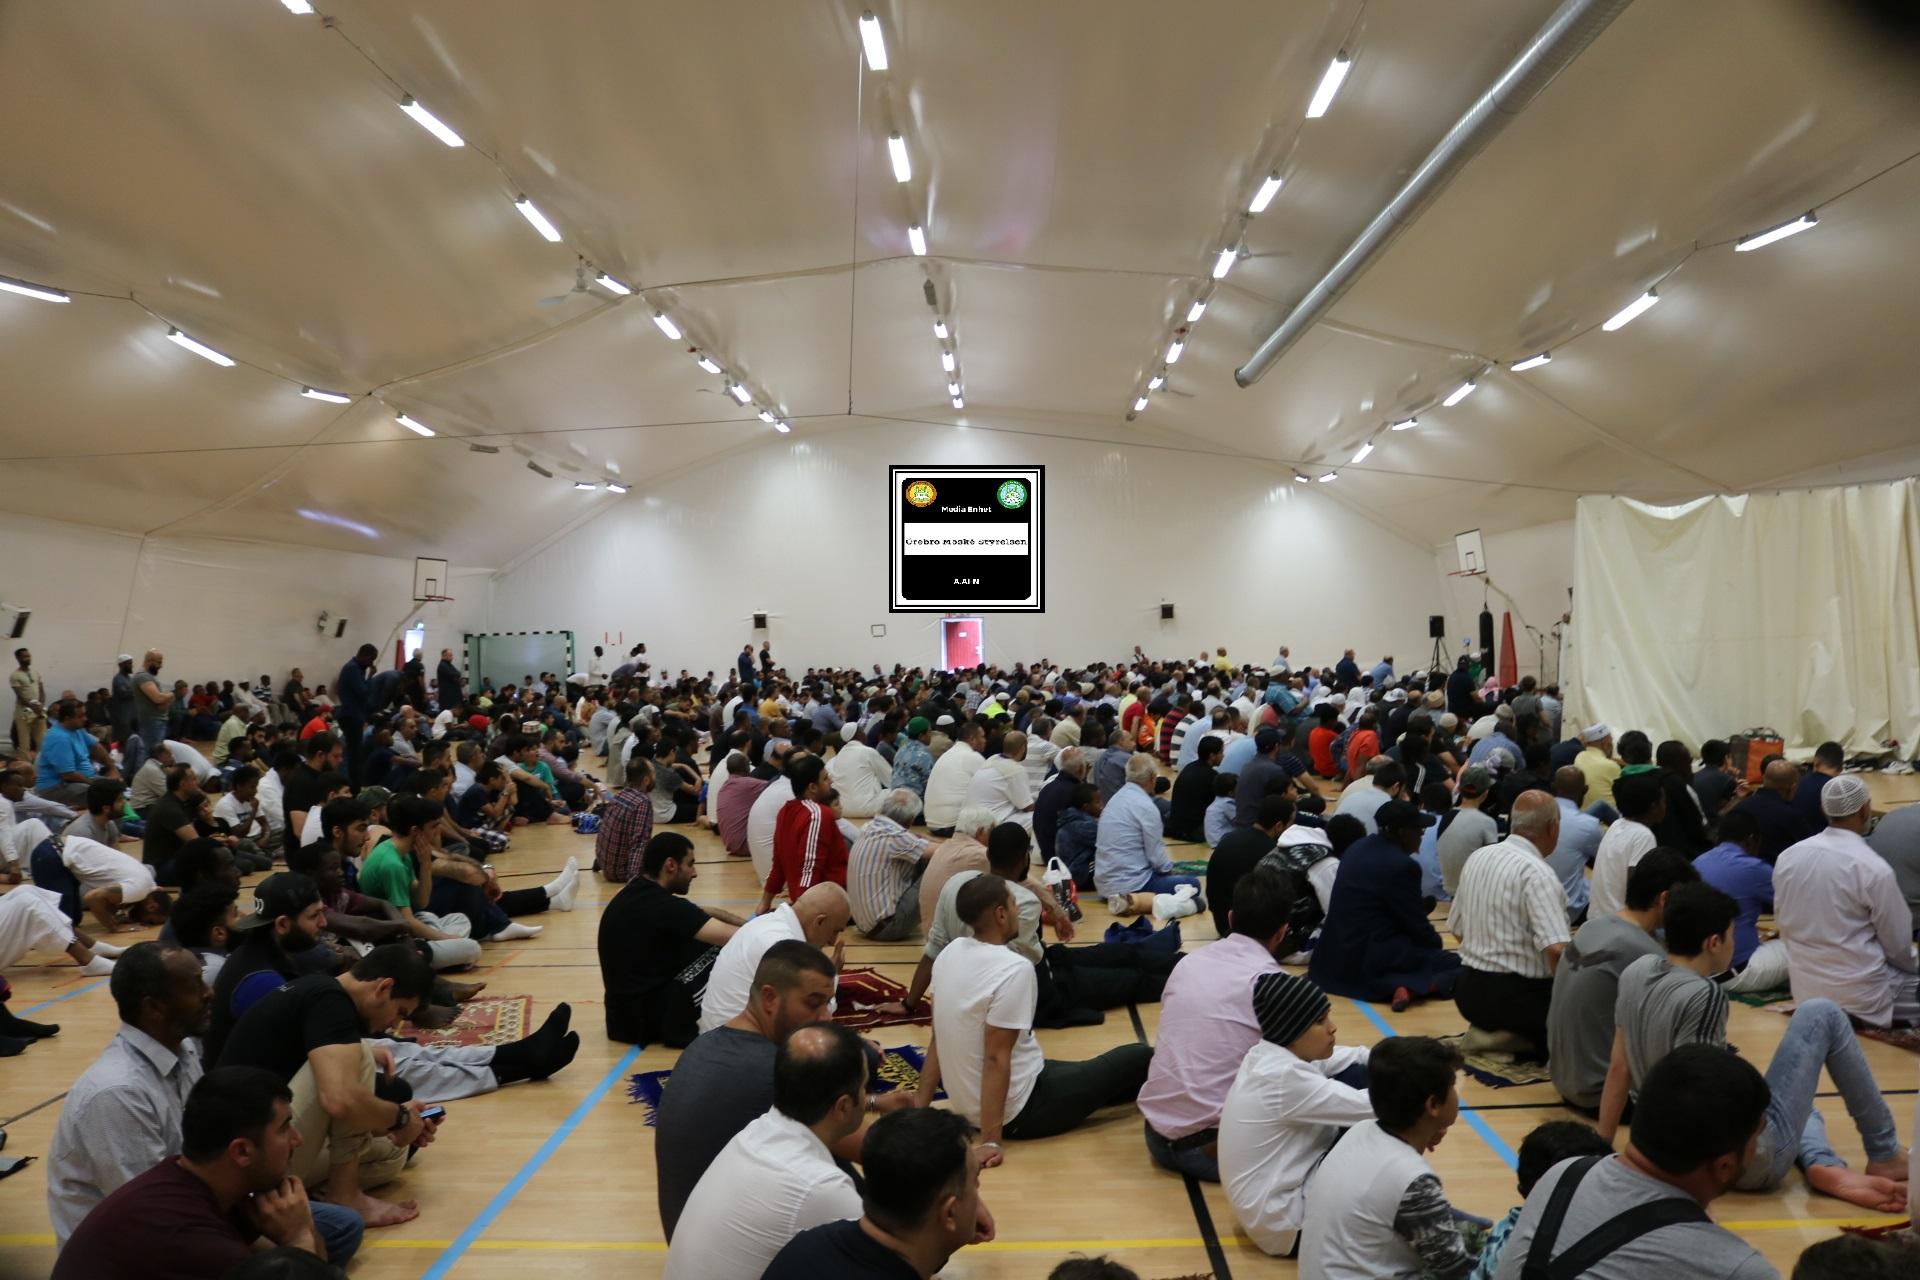 من اسباب الطلاق 19/07/2019 Shikh Abu Husam Hariri *************************** Friday Bön - Friday Prayers صلاة الجمعة *************************** FILMED ON LOCATION *************************** Ballonghallen i Örebro